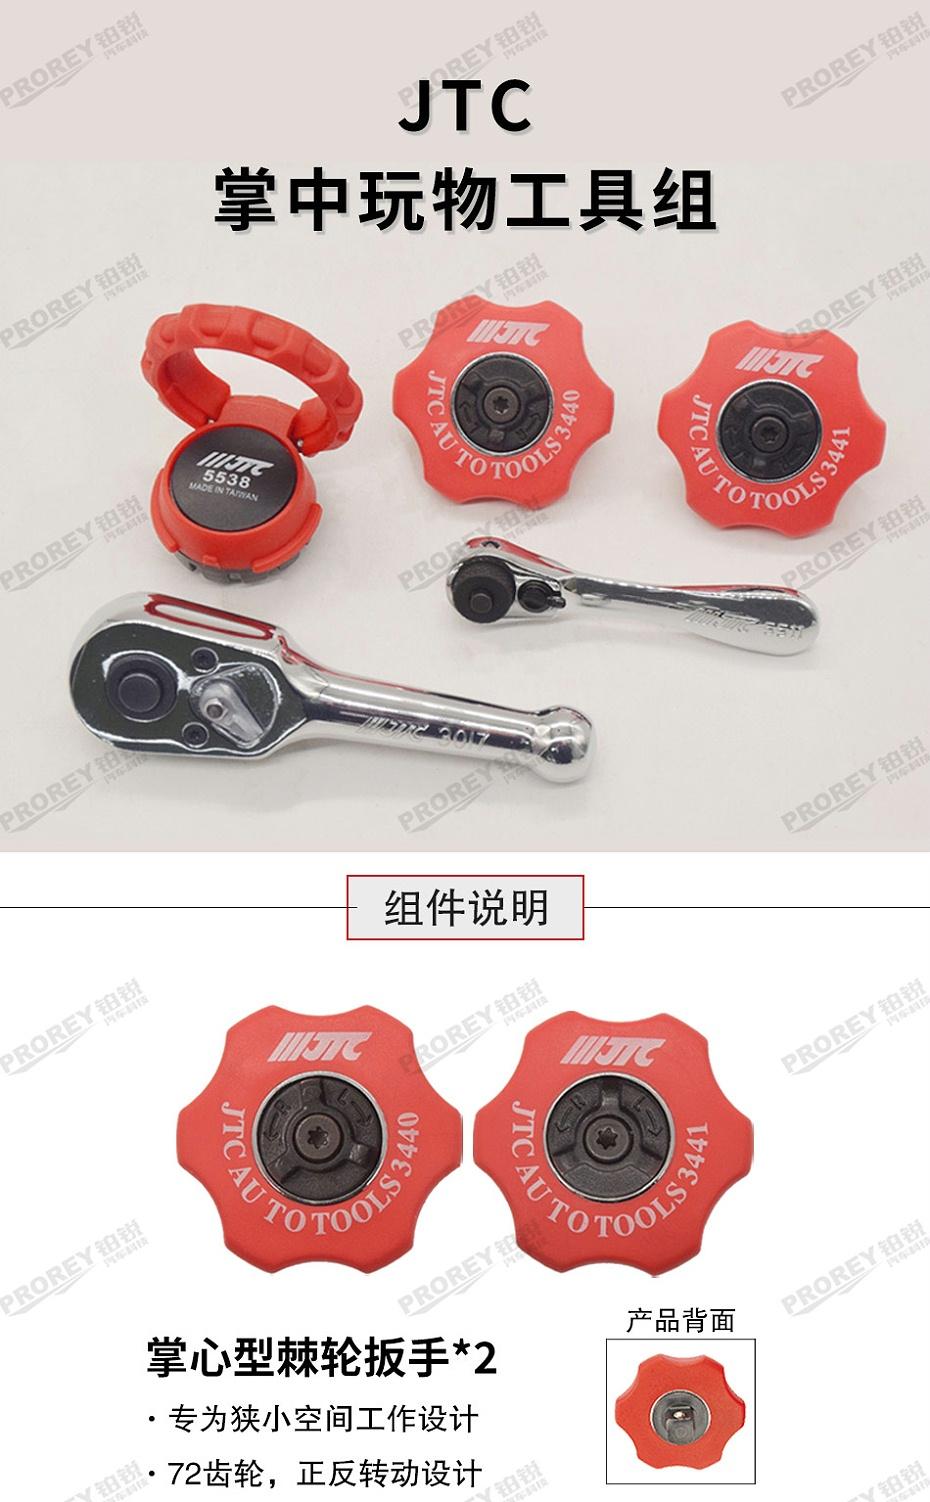 GW-130035430-JTC3340-15PCS综合型气动鎚组-1